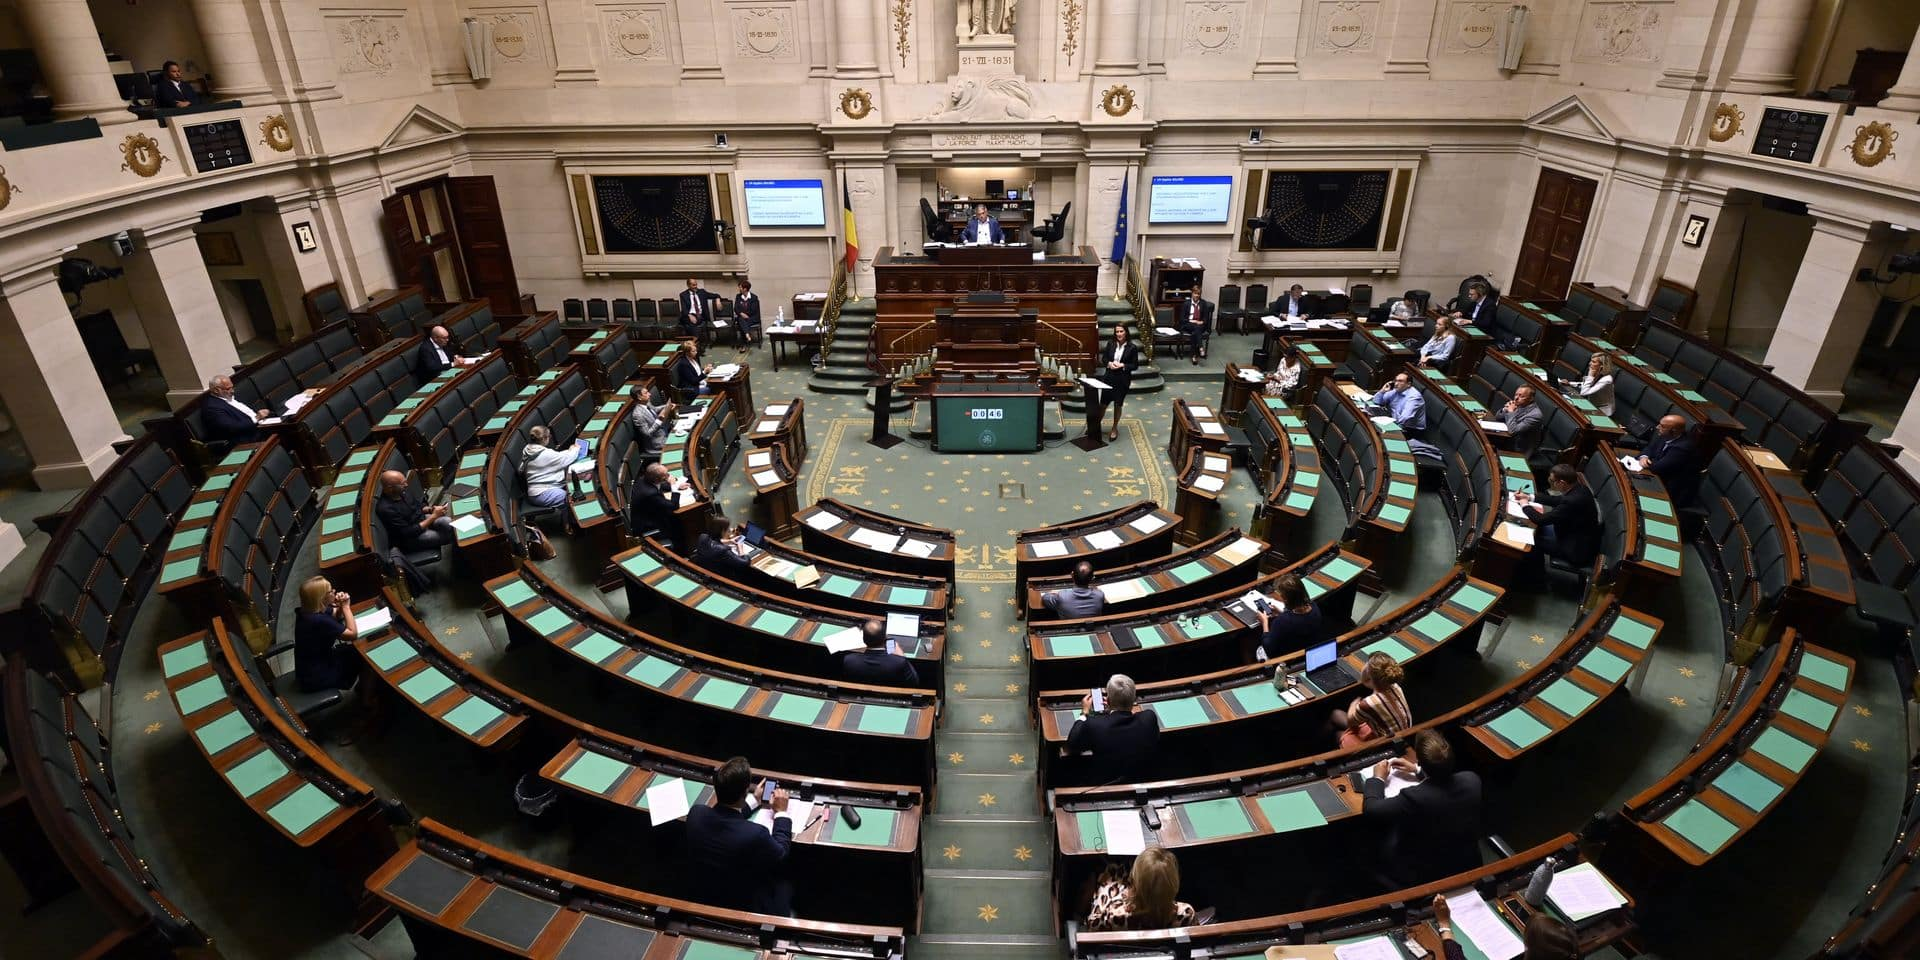 Le vote sur l'interruption volontaire de grossesse (IVG), objet de marchandages politiques